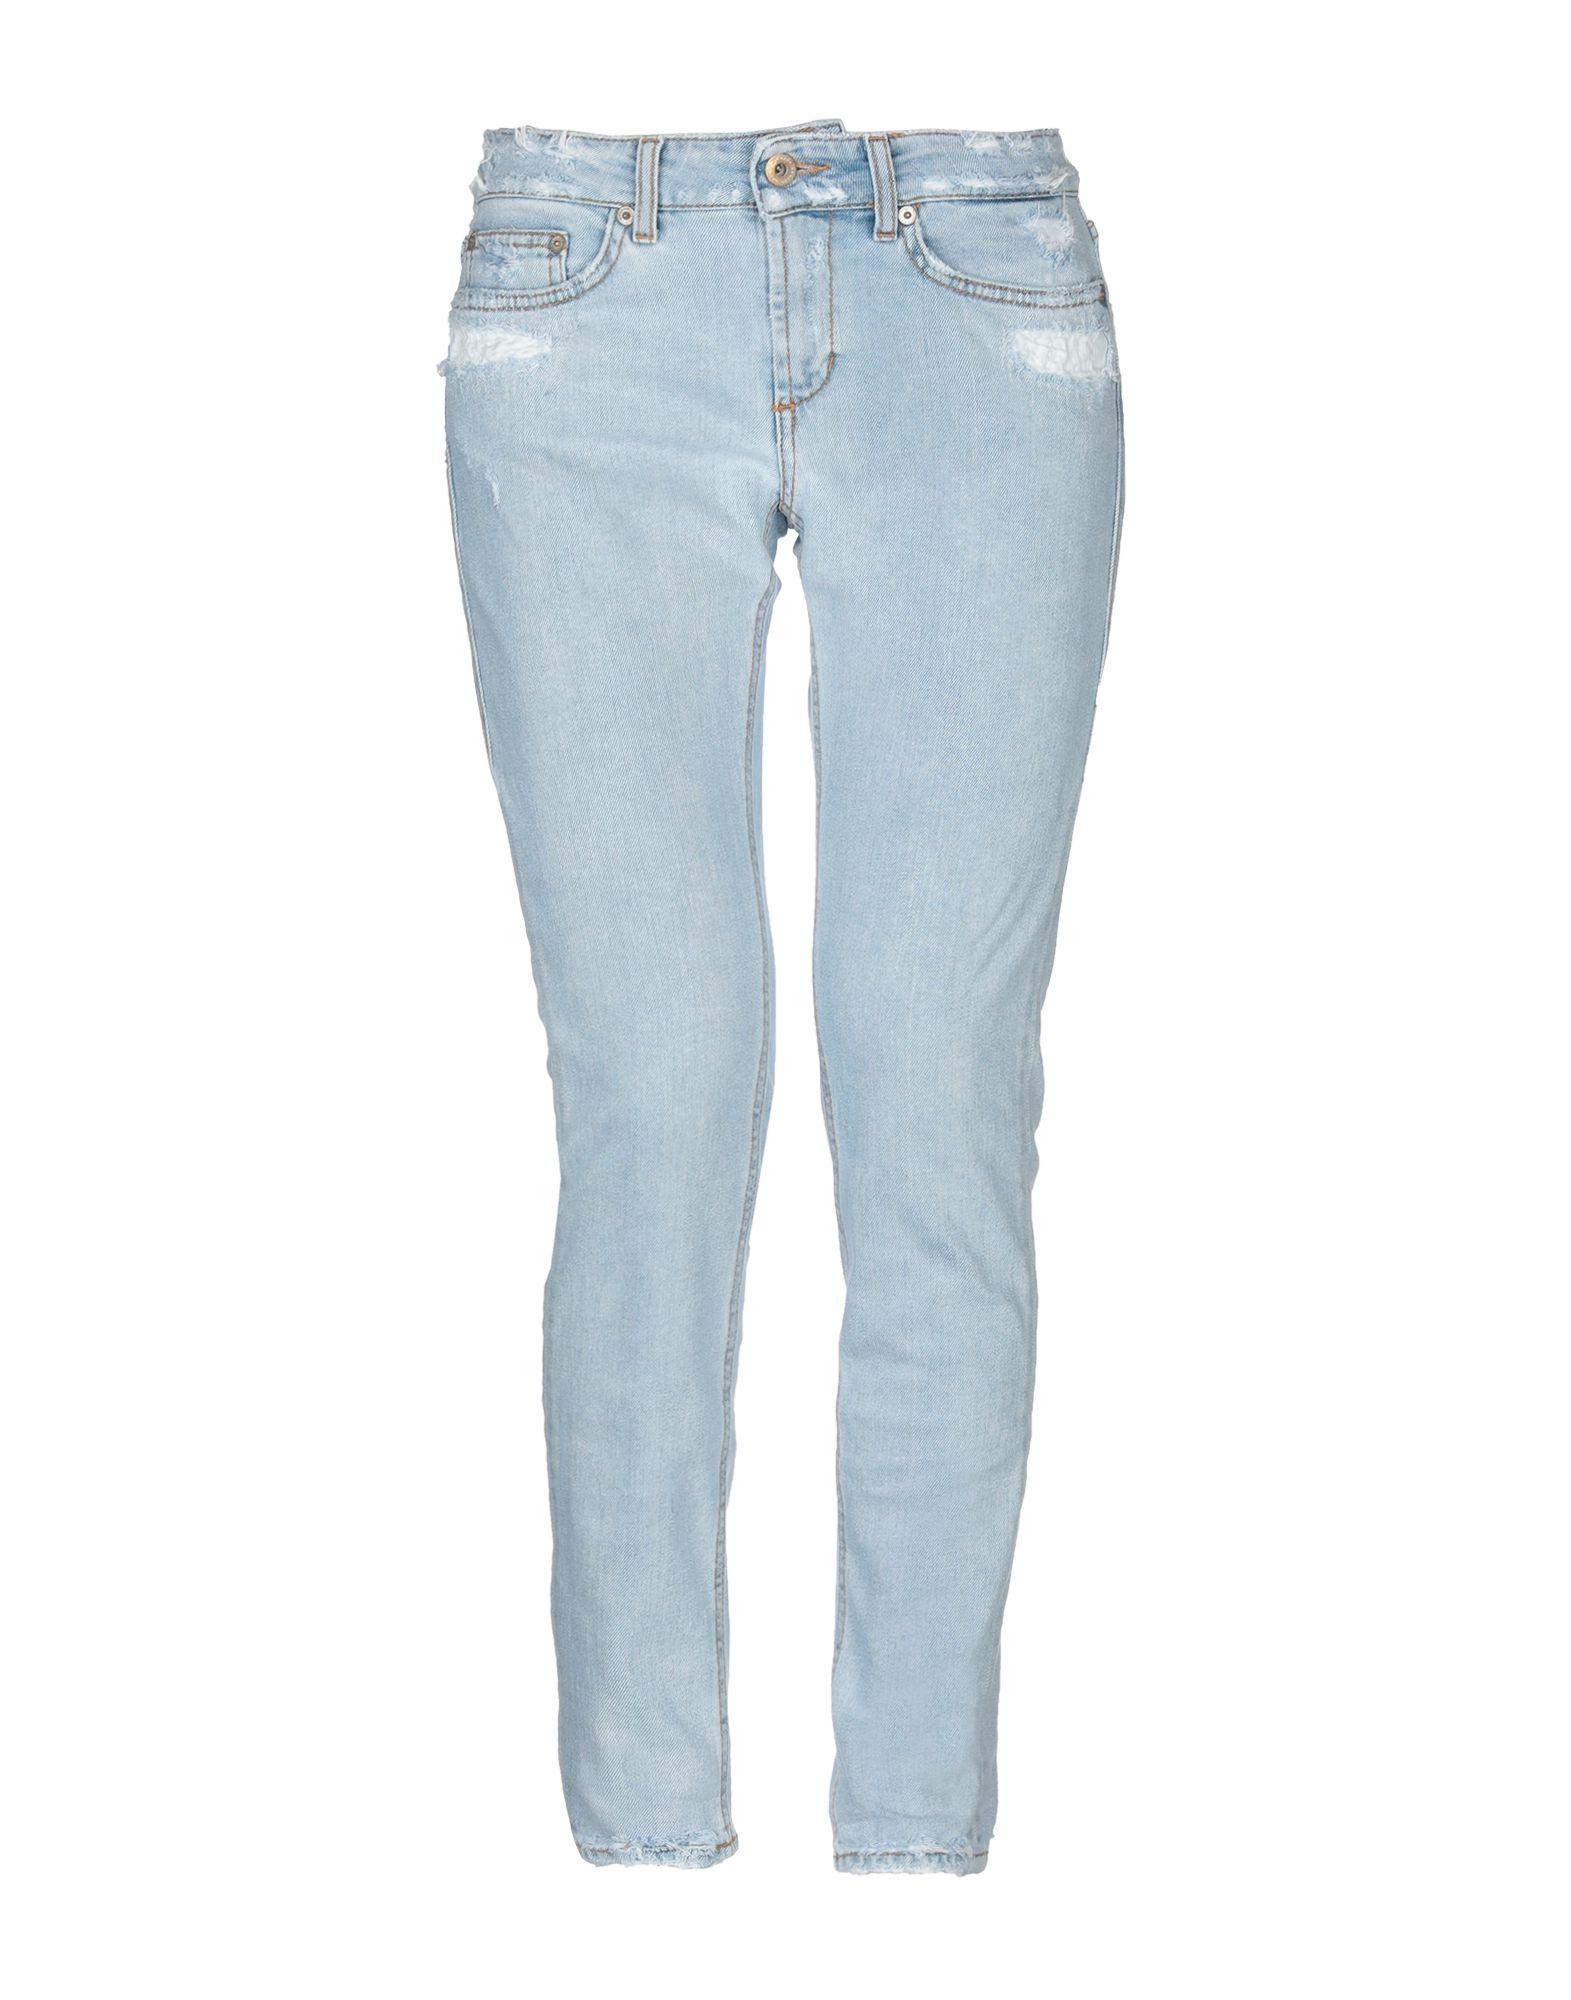 Pantaloni Jeans Dondup donna donna donna - 42703105XH 553